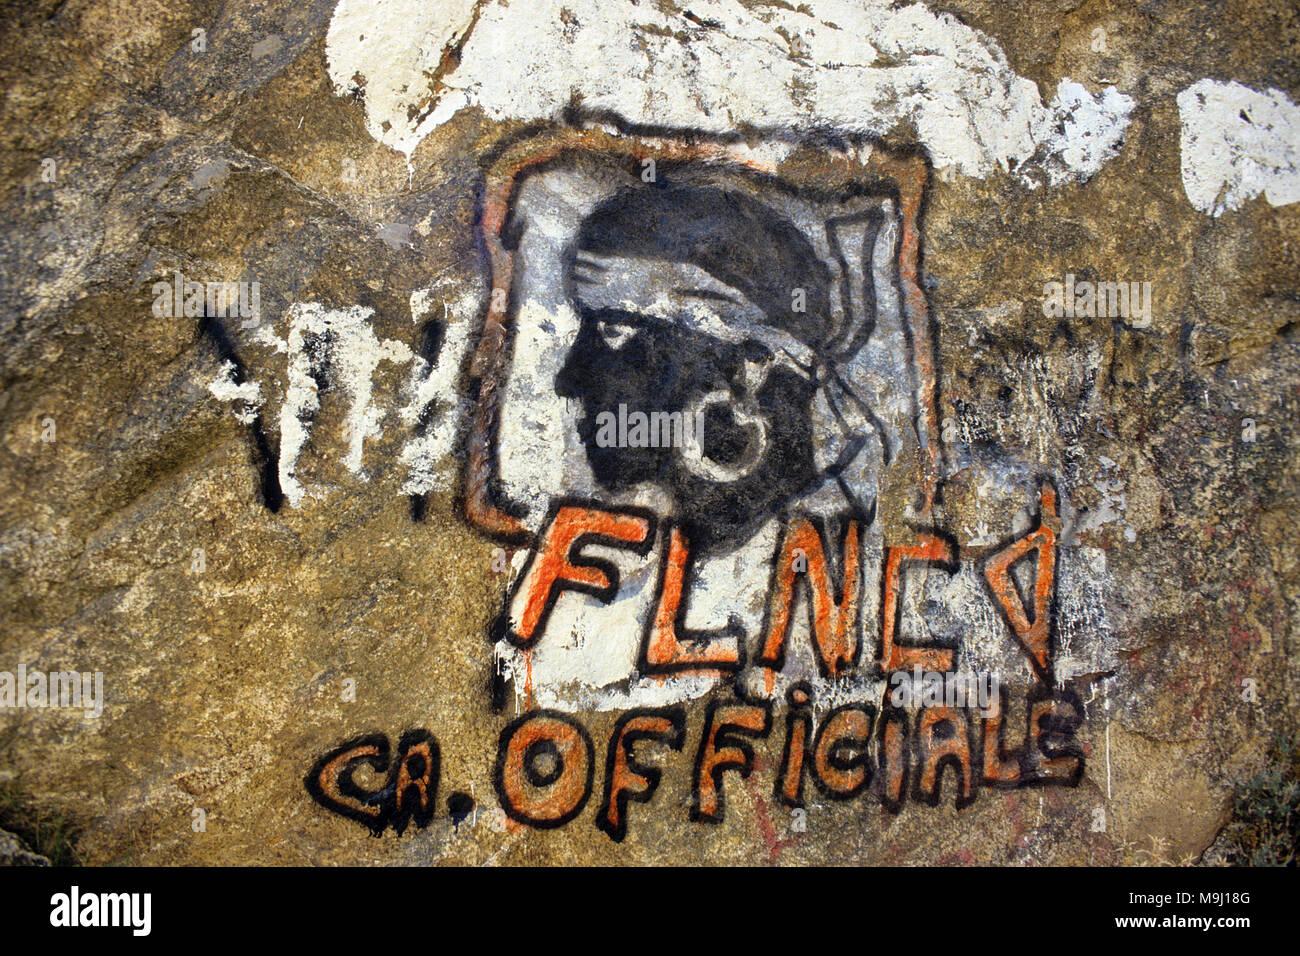 Liberty symbol, FNLC (Front National de Liberation de la Corse), seperatism movement, Corsica, France, Europe - Stock Image